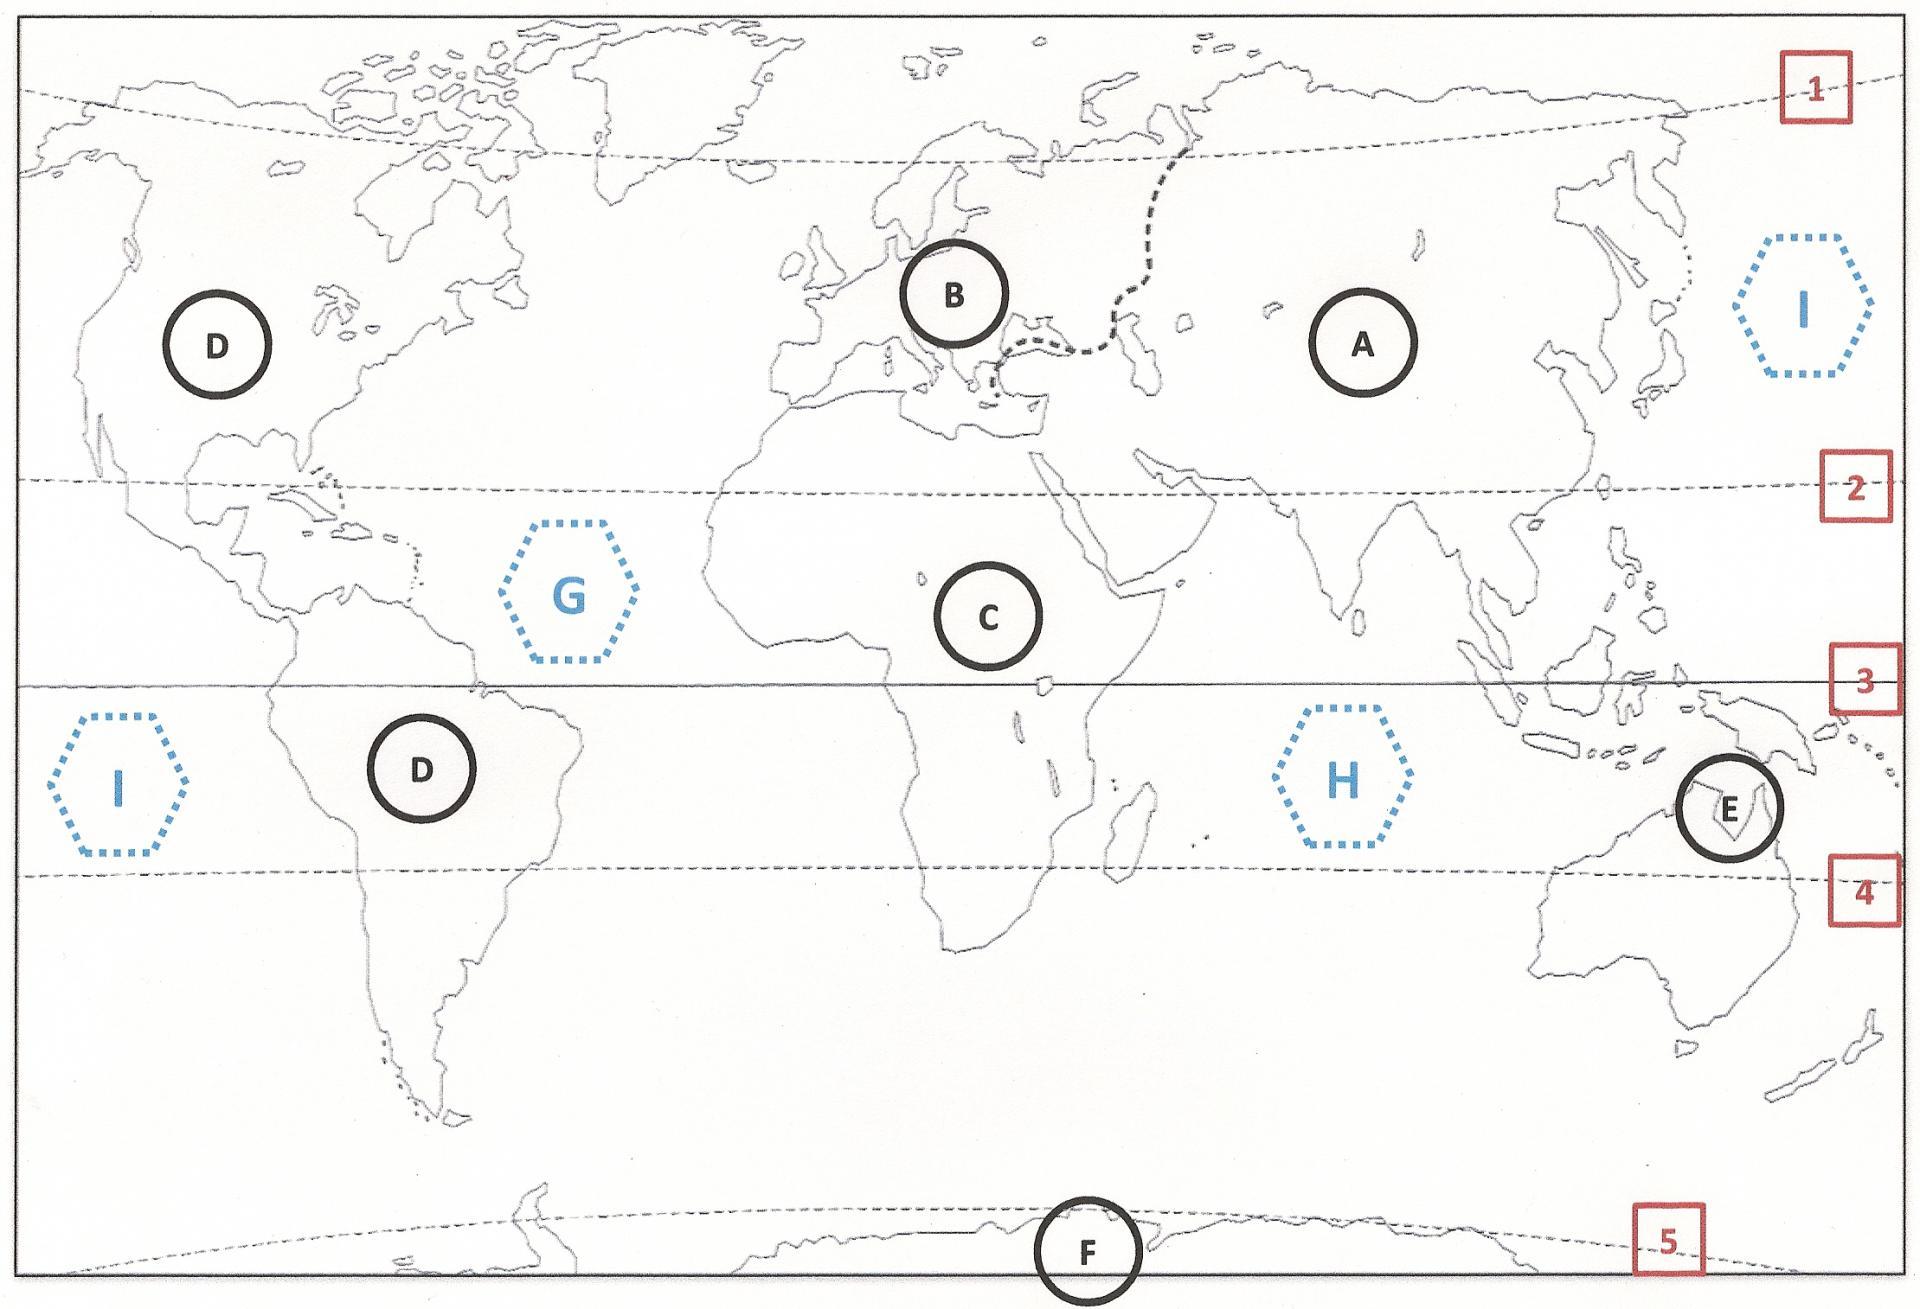 Sur le planisphère, où est l'Equateur ?